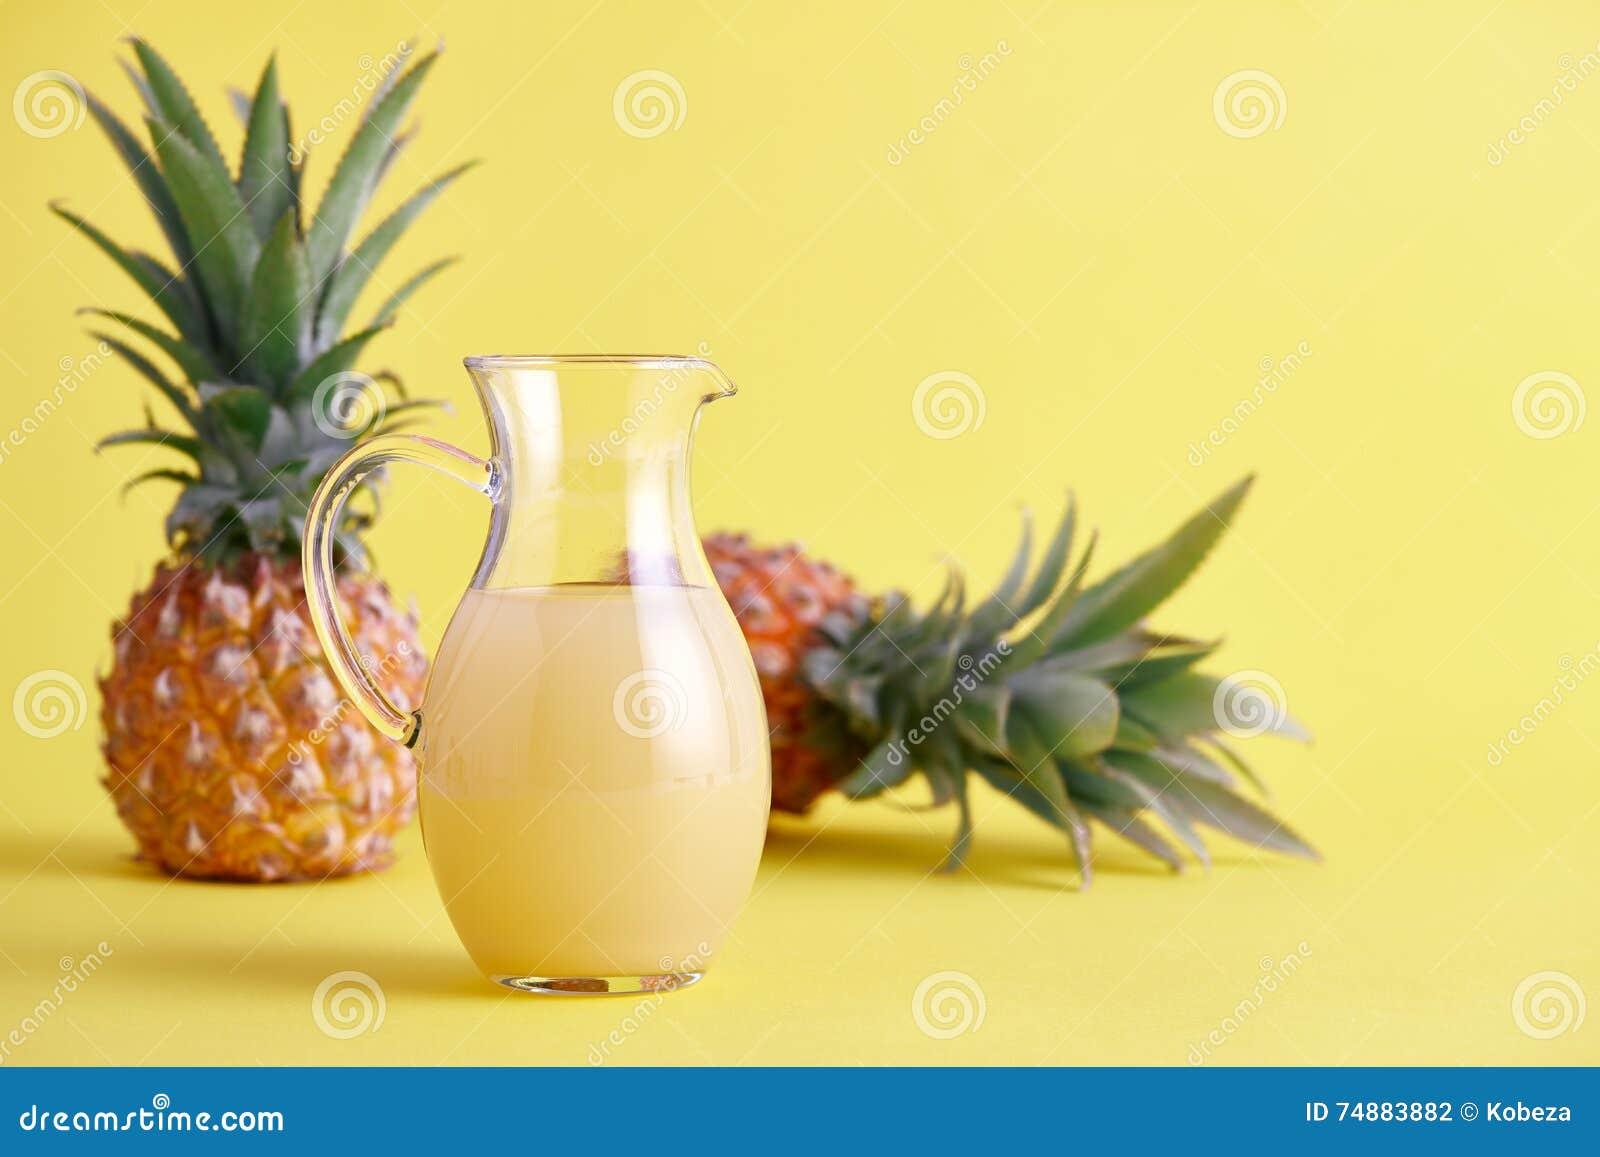 Стеклянный кувшин свежего сока ананаса на желтом цвете